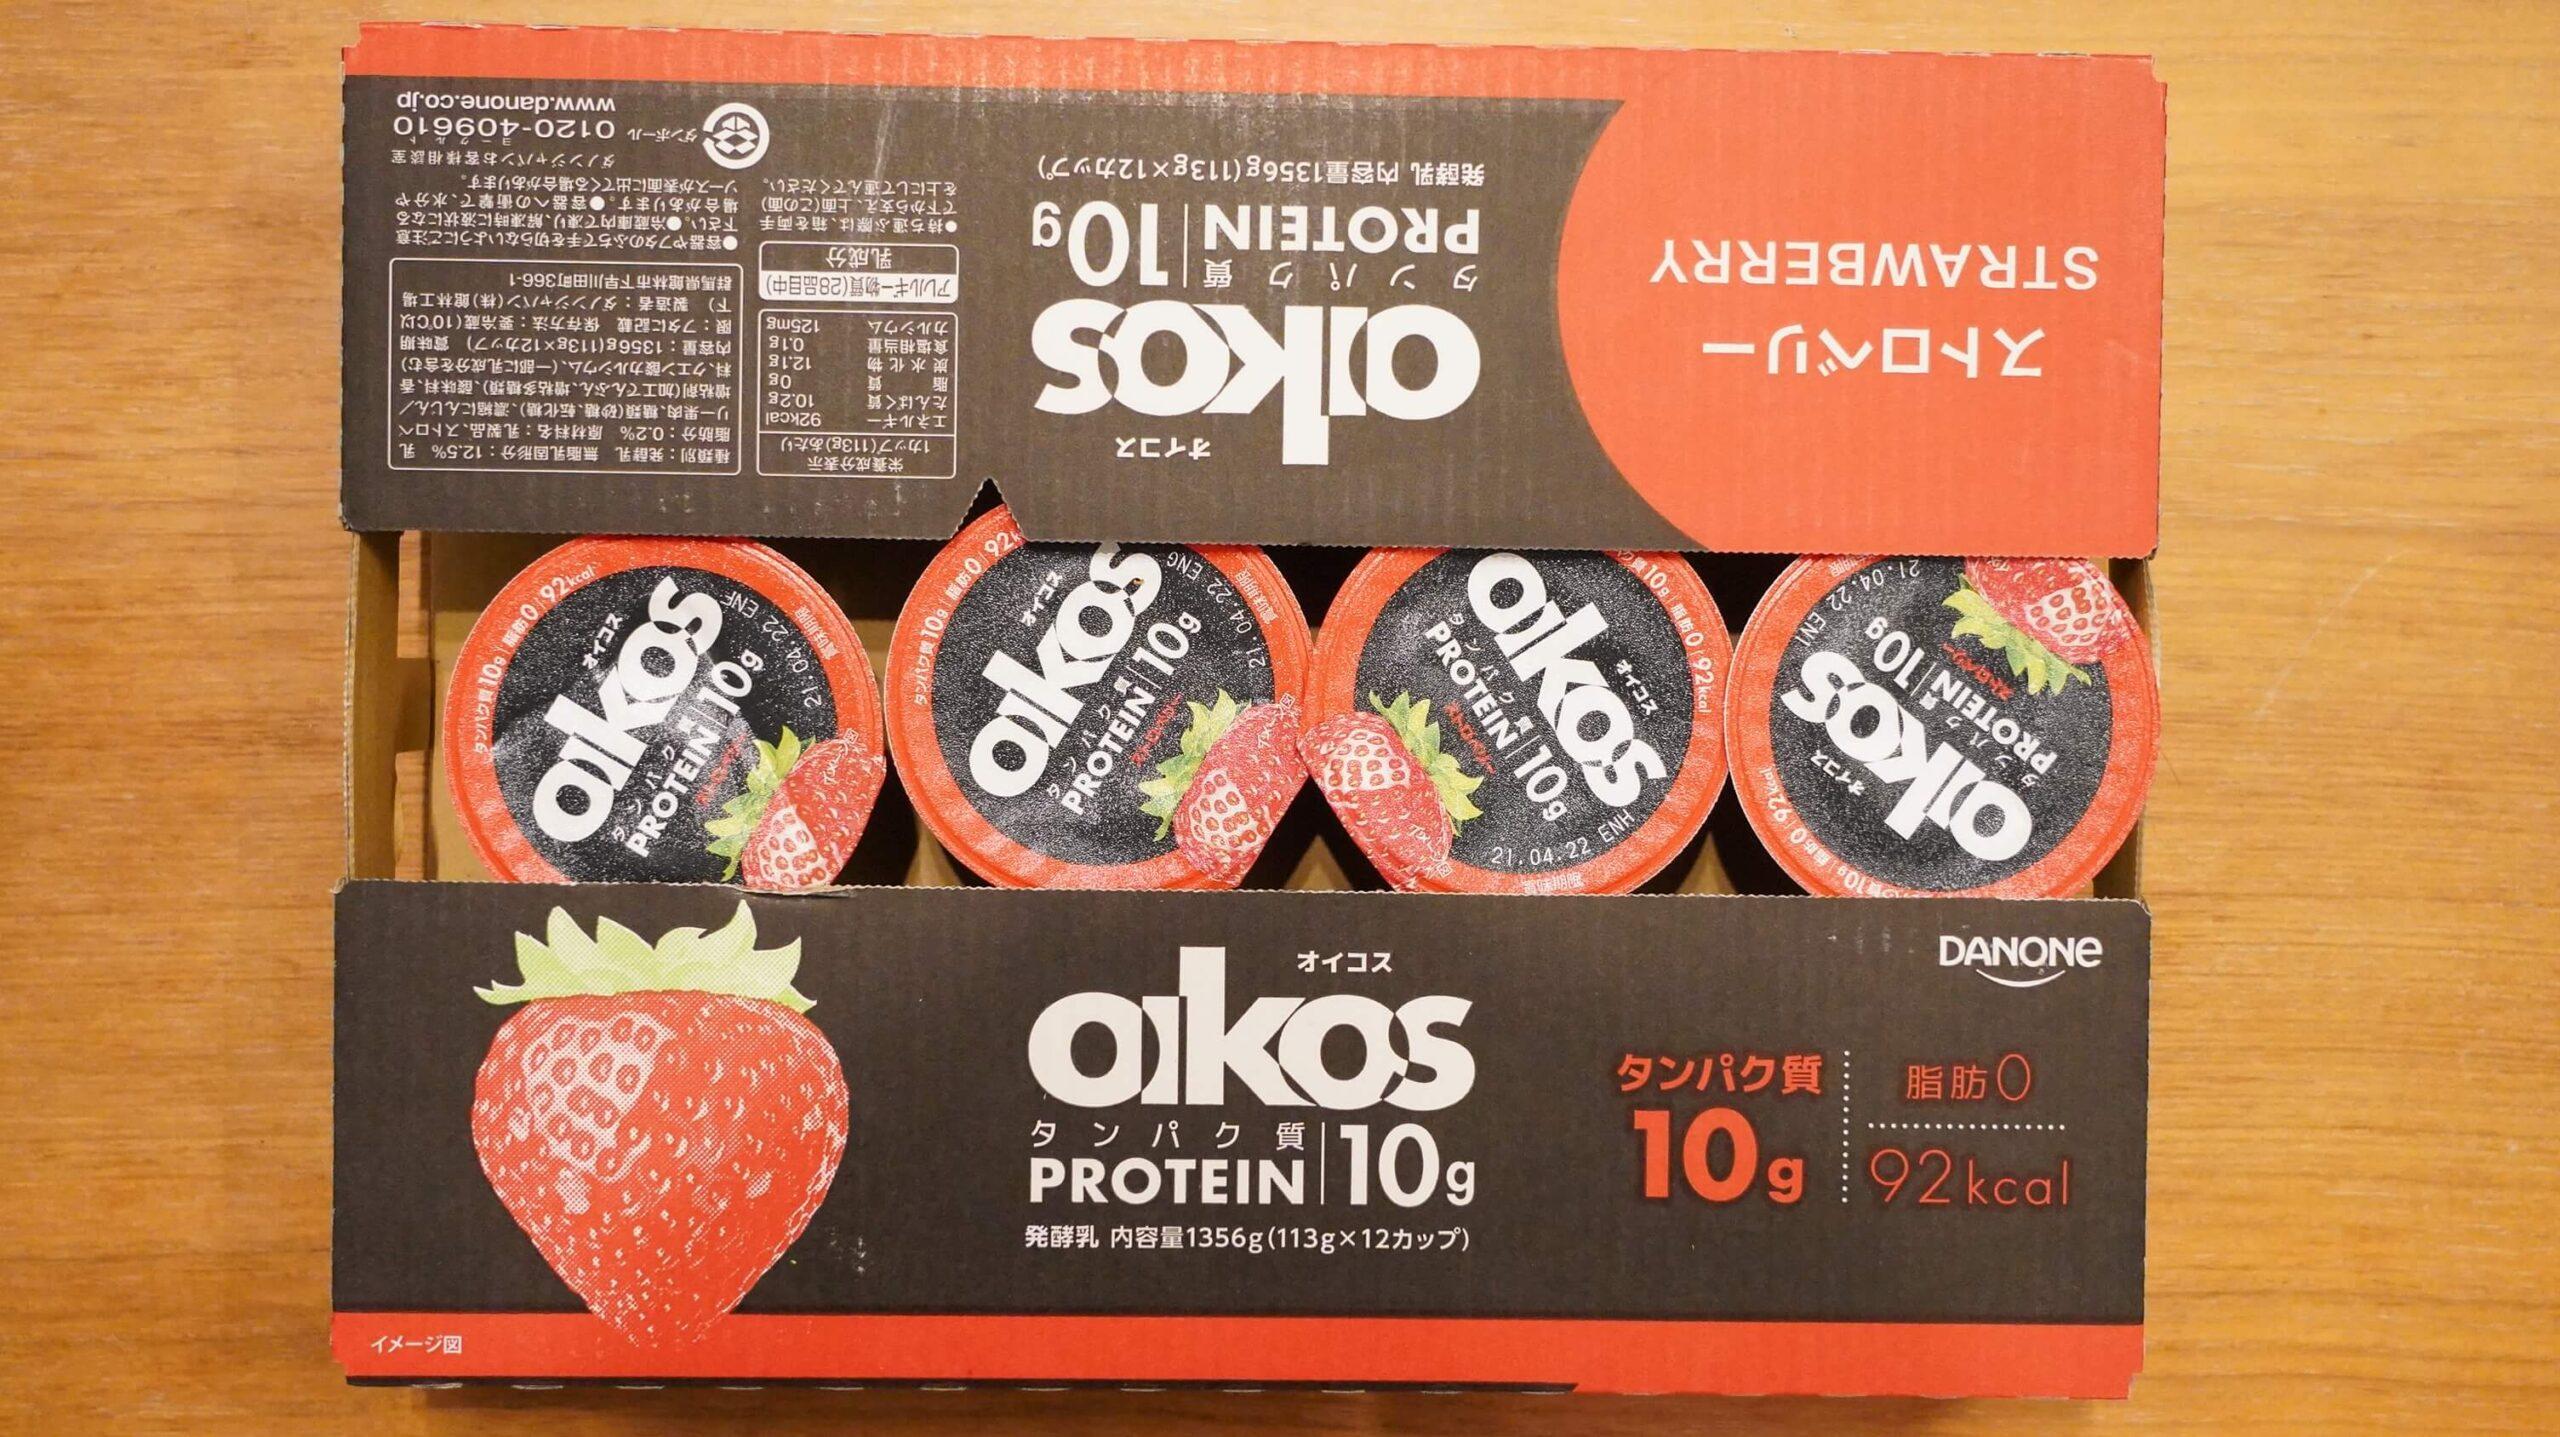 コストコで買ったオイコスのストロベリー味の箱の写真